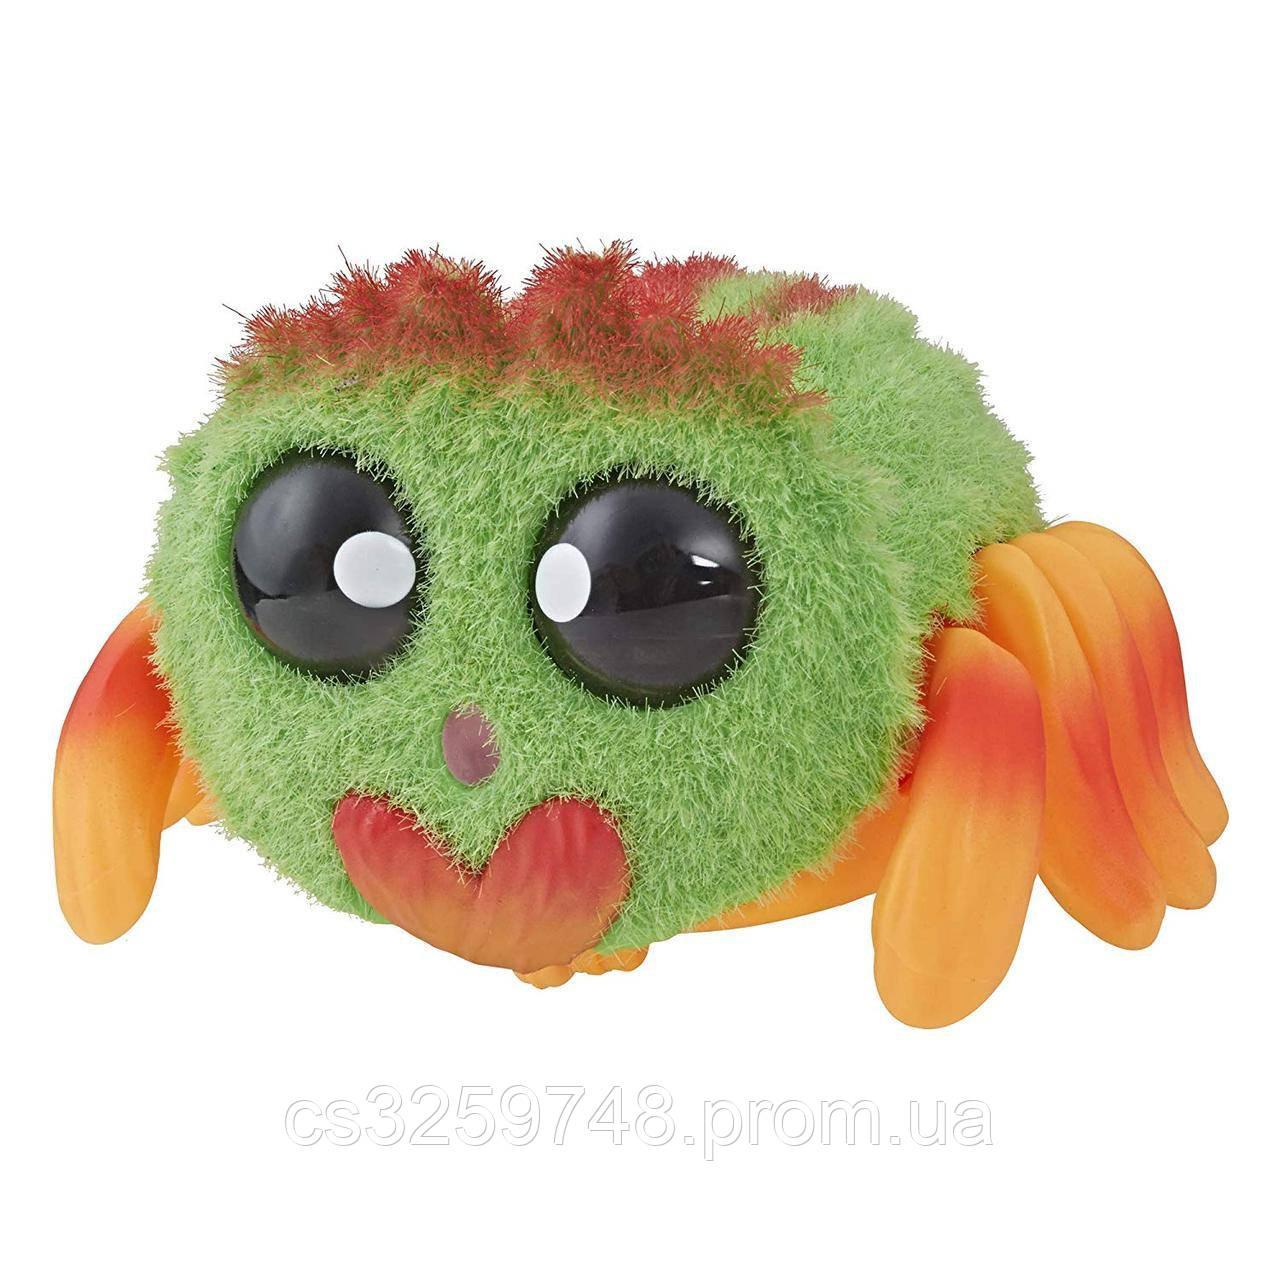 Интерактивная детская игрушка паучок Сэмми